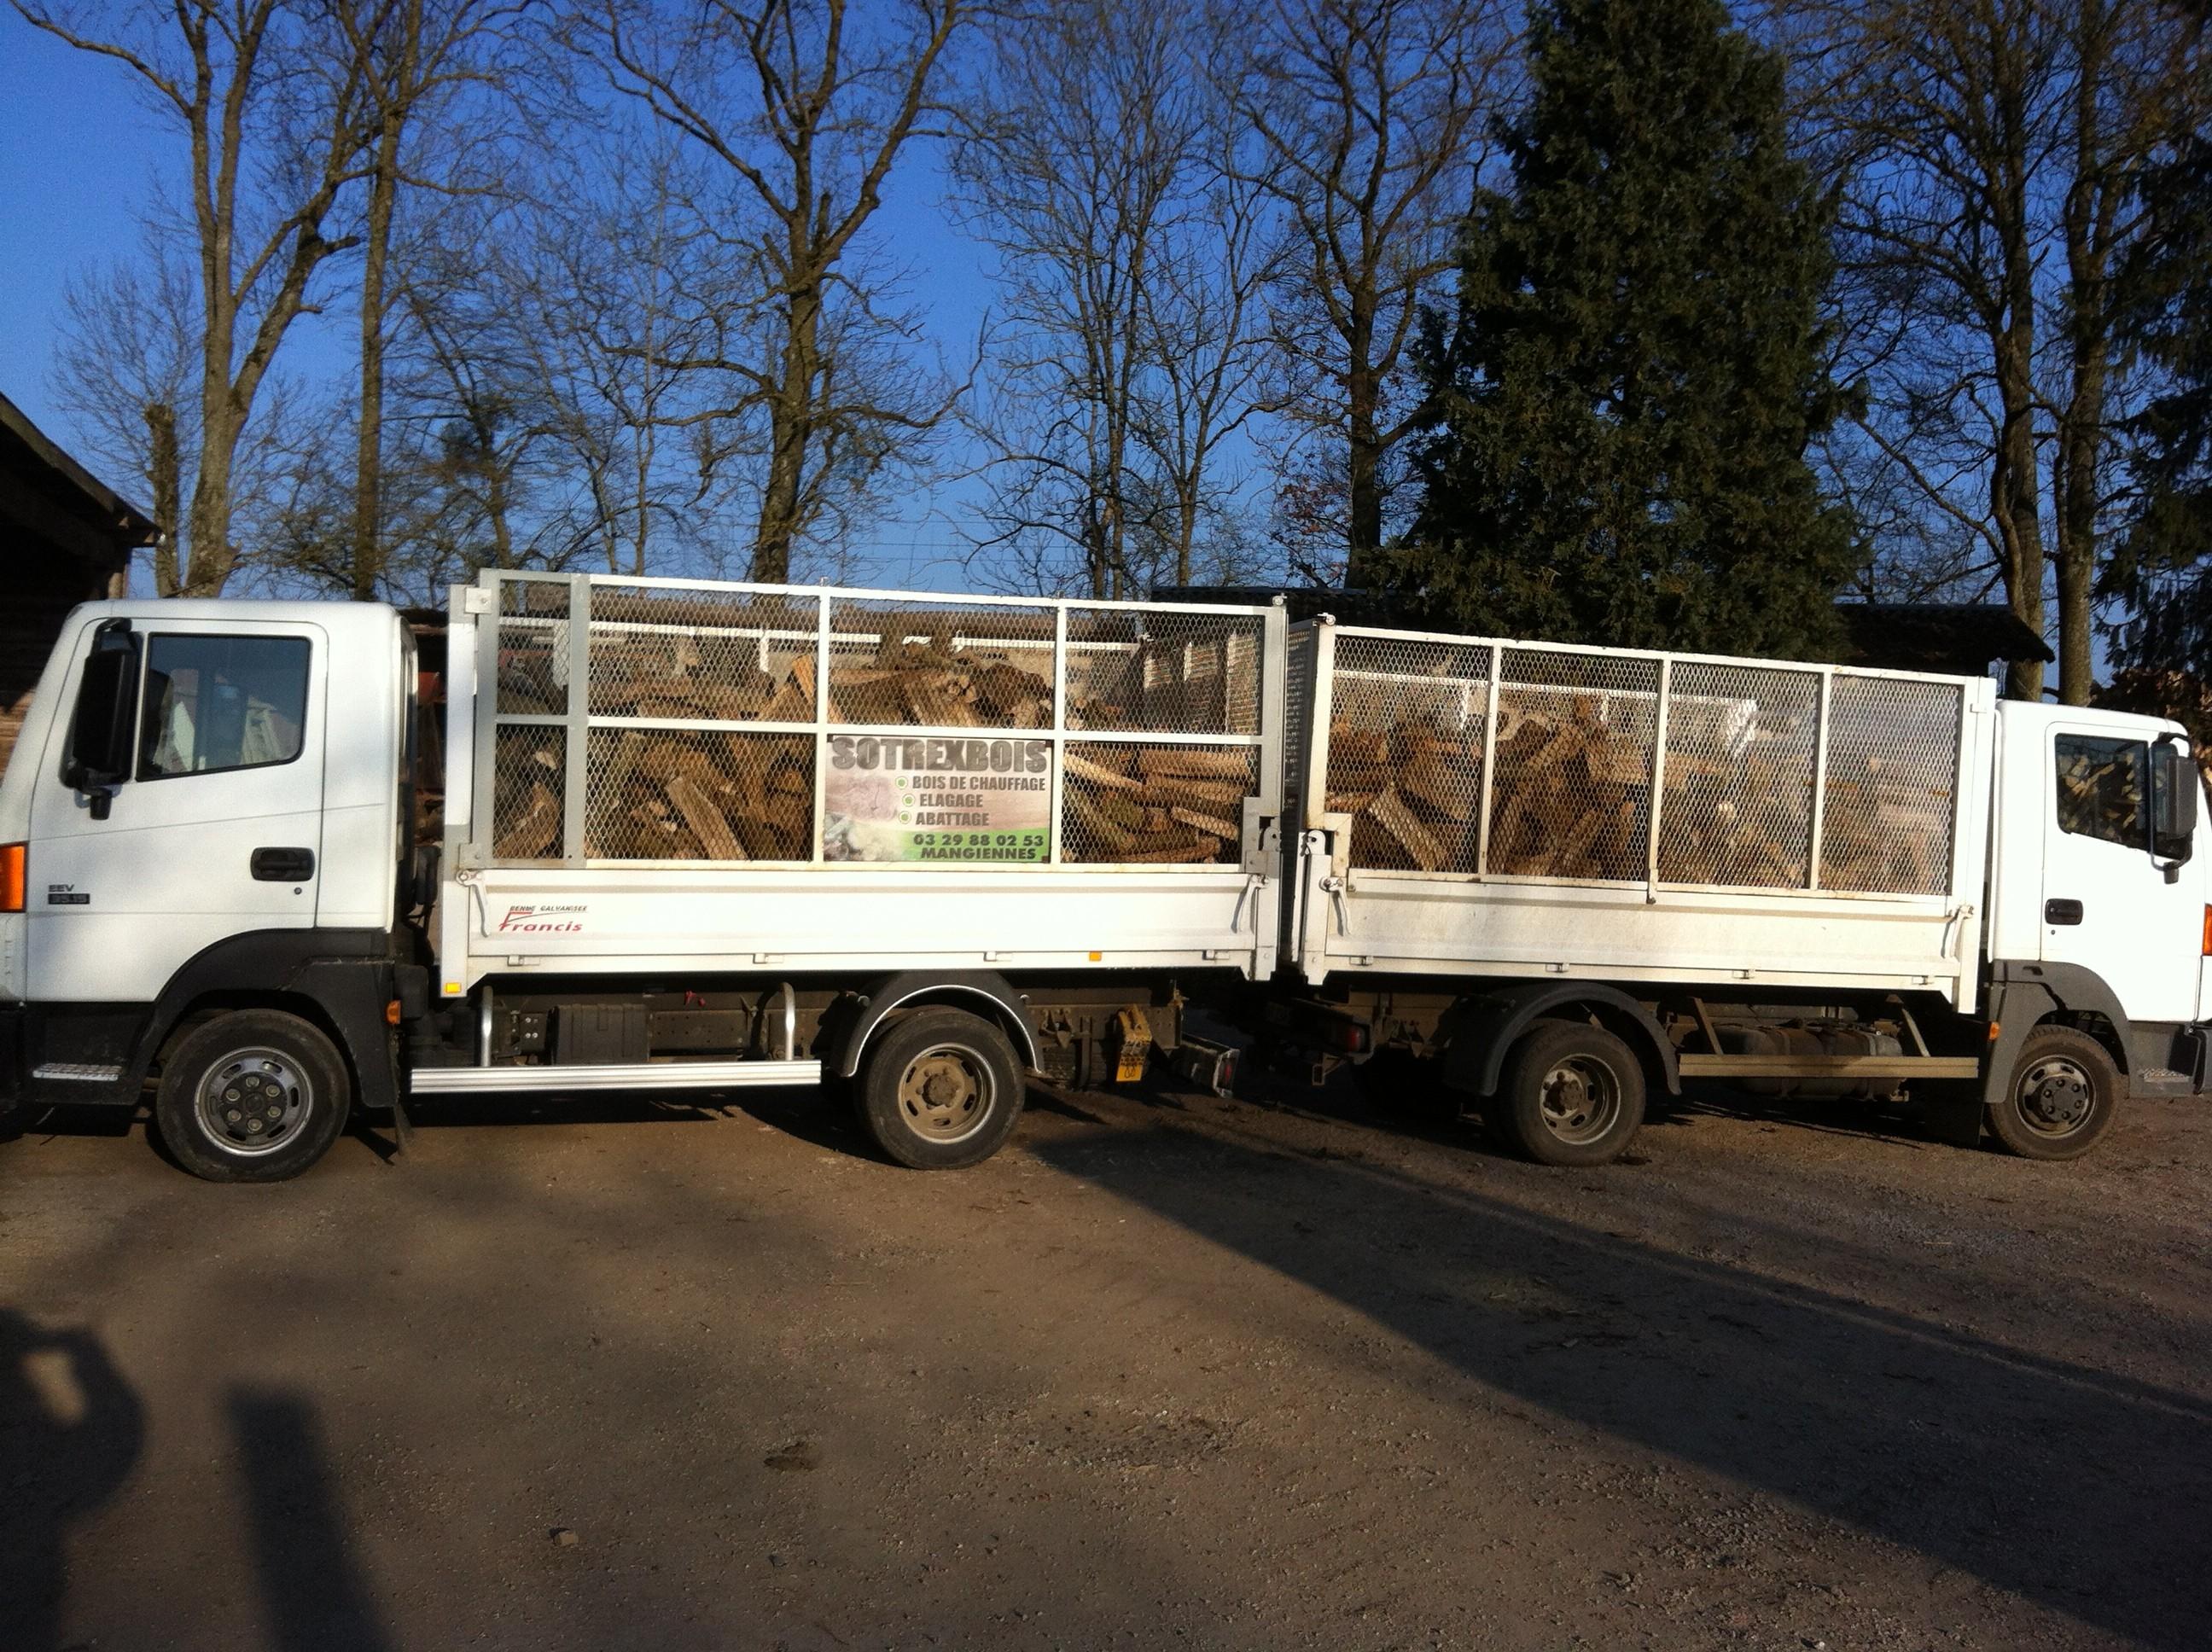 bois de chauffage u00b7 SOTREXBOIS # Camion De Bois De Chauffage